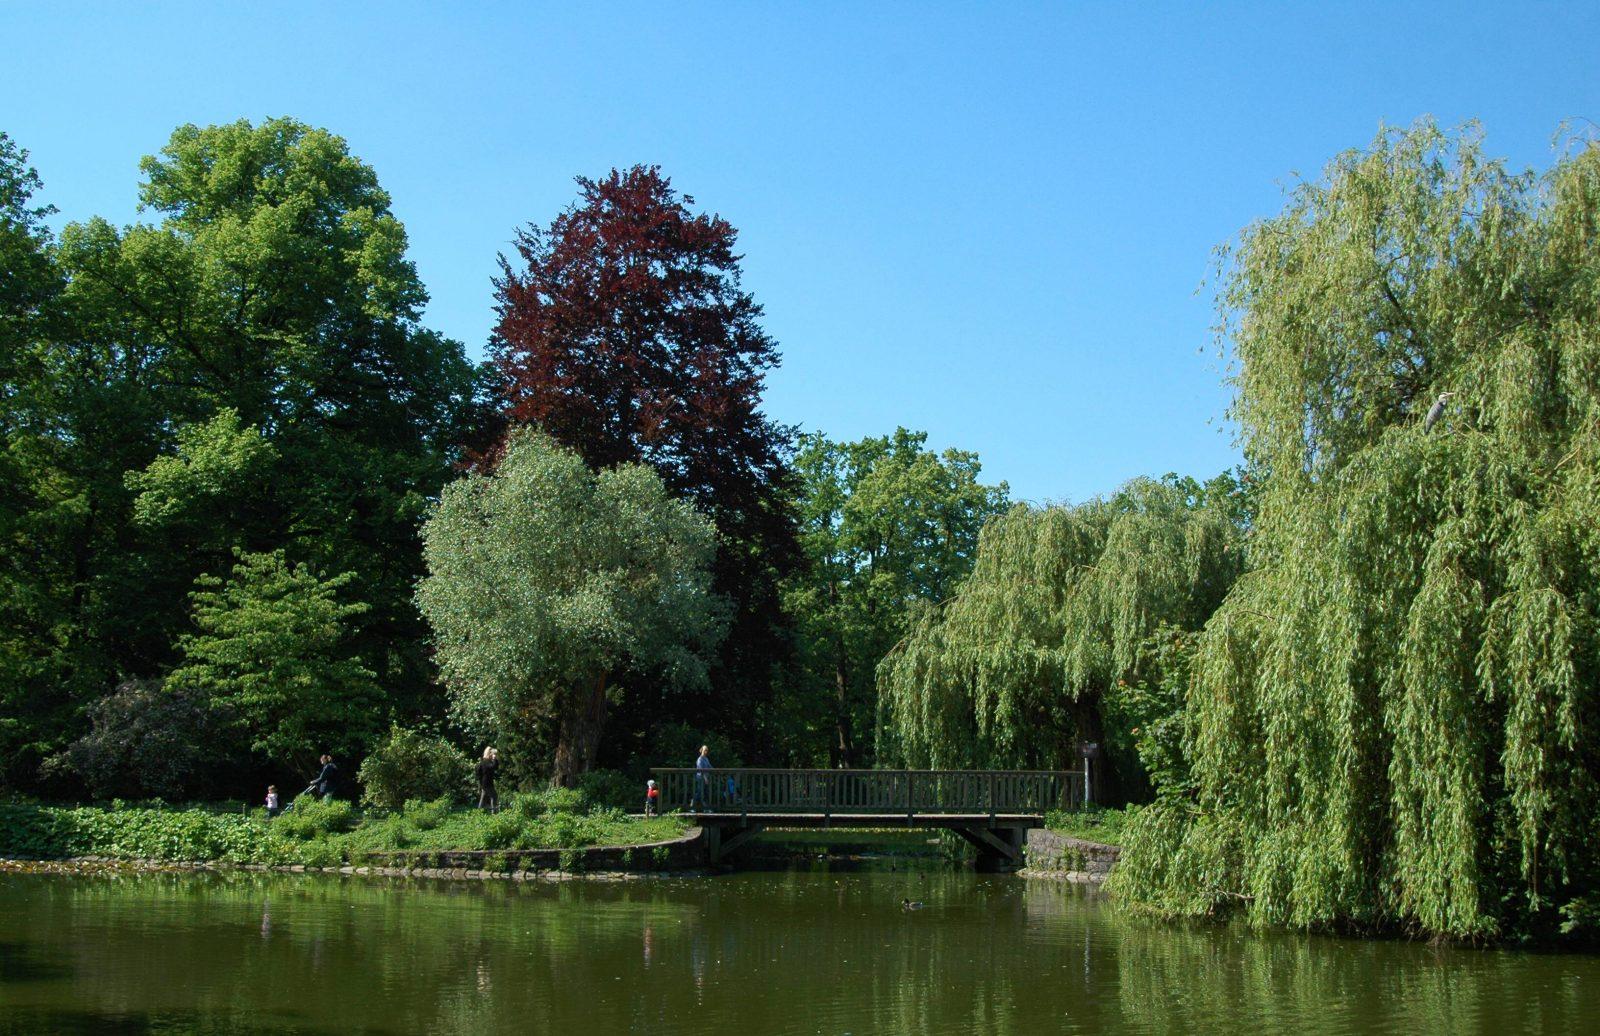 Teich im Stadtpark Steglitz in Berlin.  Fotot: imago/Schöning